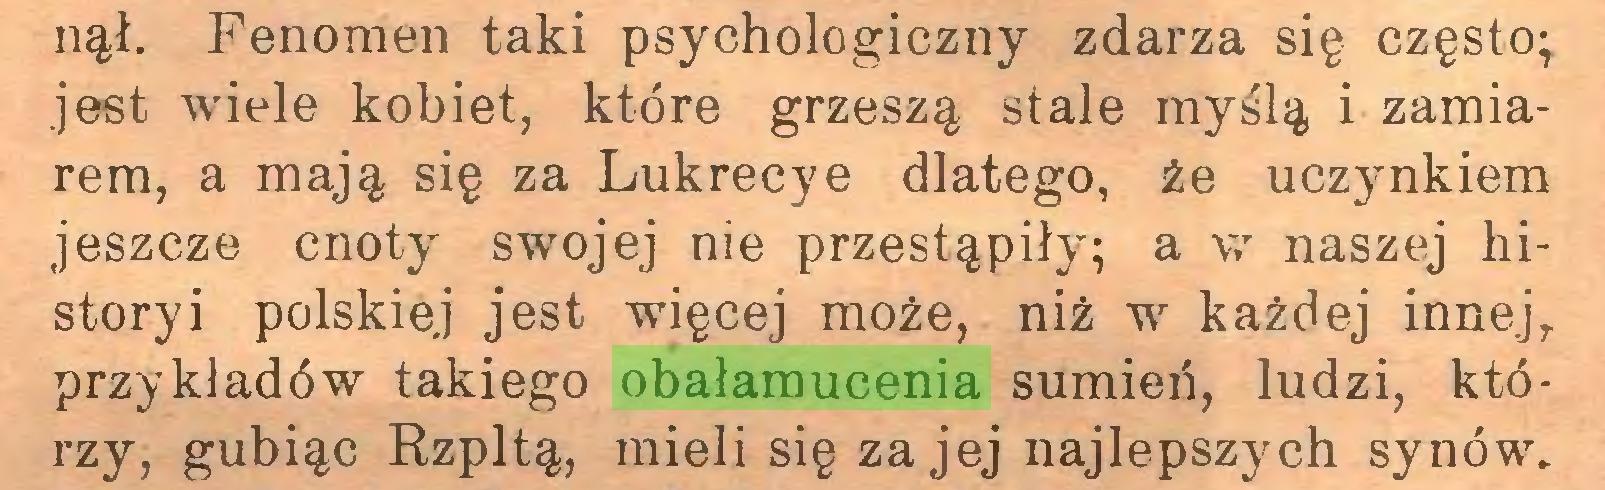 (...) nął. Fenomen taki psychologiczny zdarza się często^ jest wiele kobiet, które grzeszą stale myślą i zamiarem, a mają się za Lukrecye dlatego, że uczynkiem jeszcze cnoty' swojej nie przestąpiły-; a w naszej historyi polskiej jest więcej może, niż w każdej innej,, przykładów takiego obałamucenia sumień, ludzi, którzy, gubiąc Rzpltą, mieli się za jej najlepszych synów...